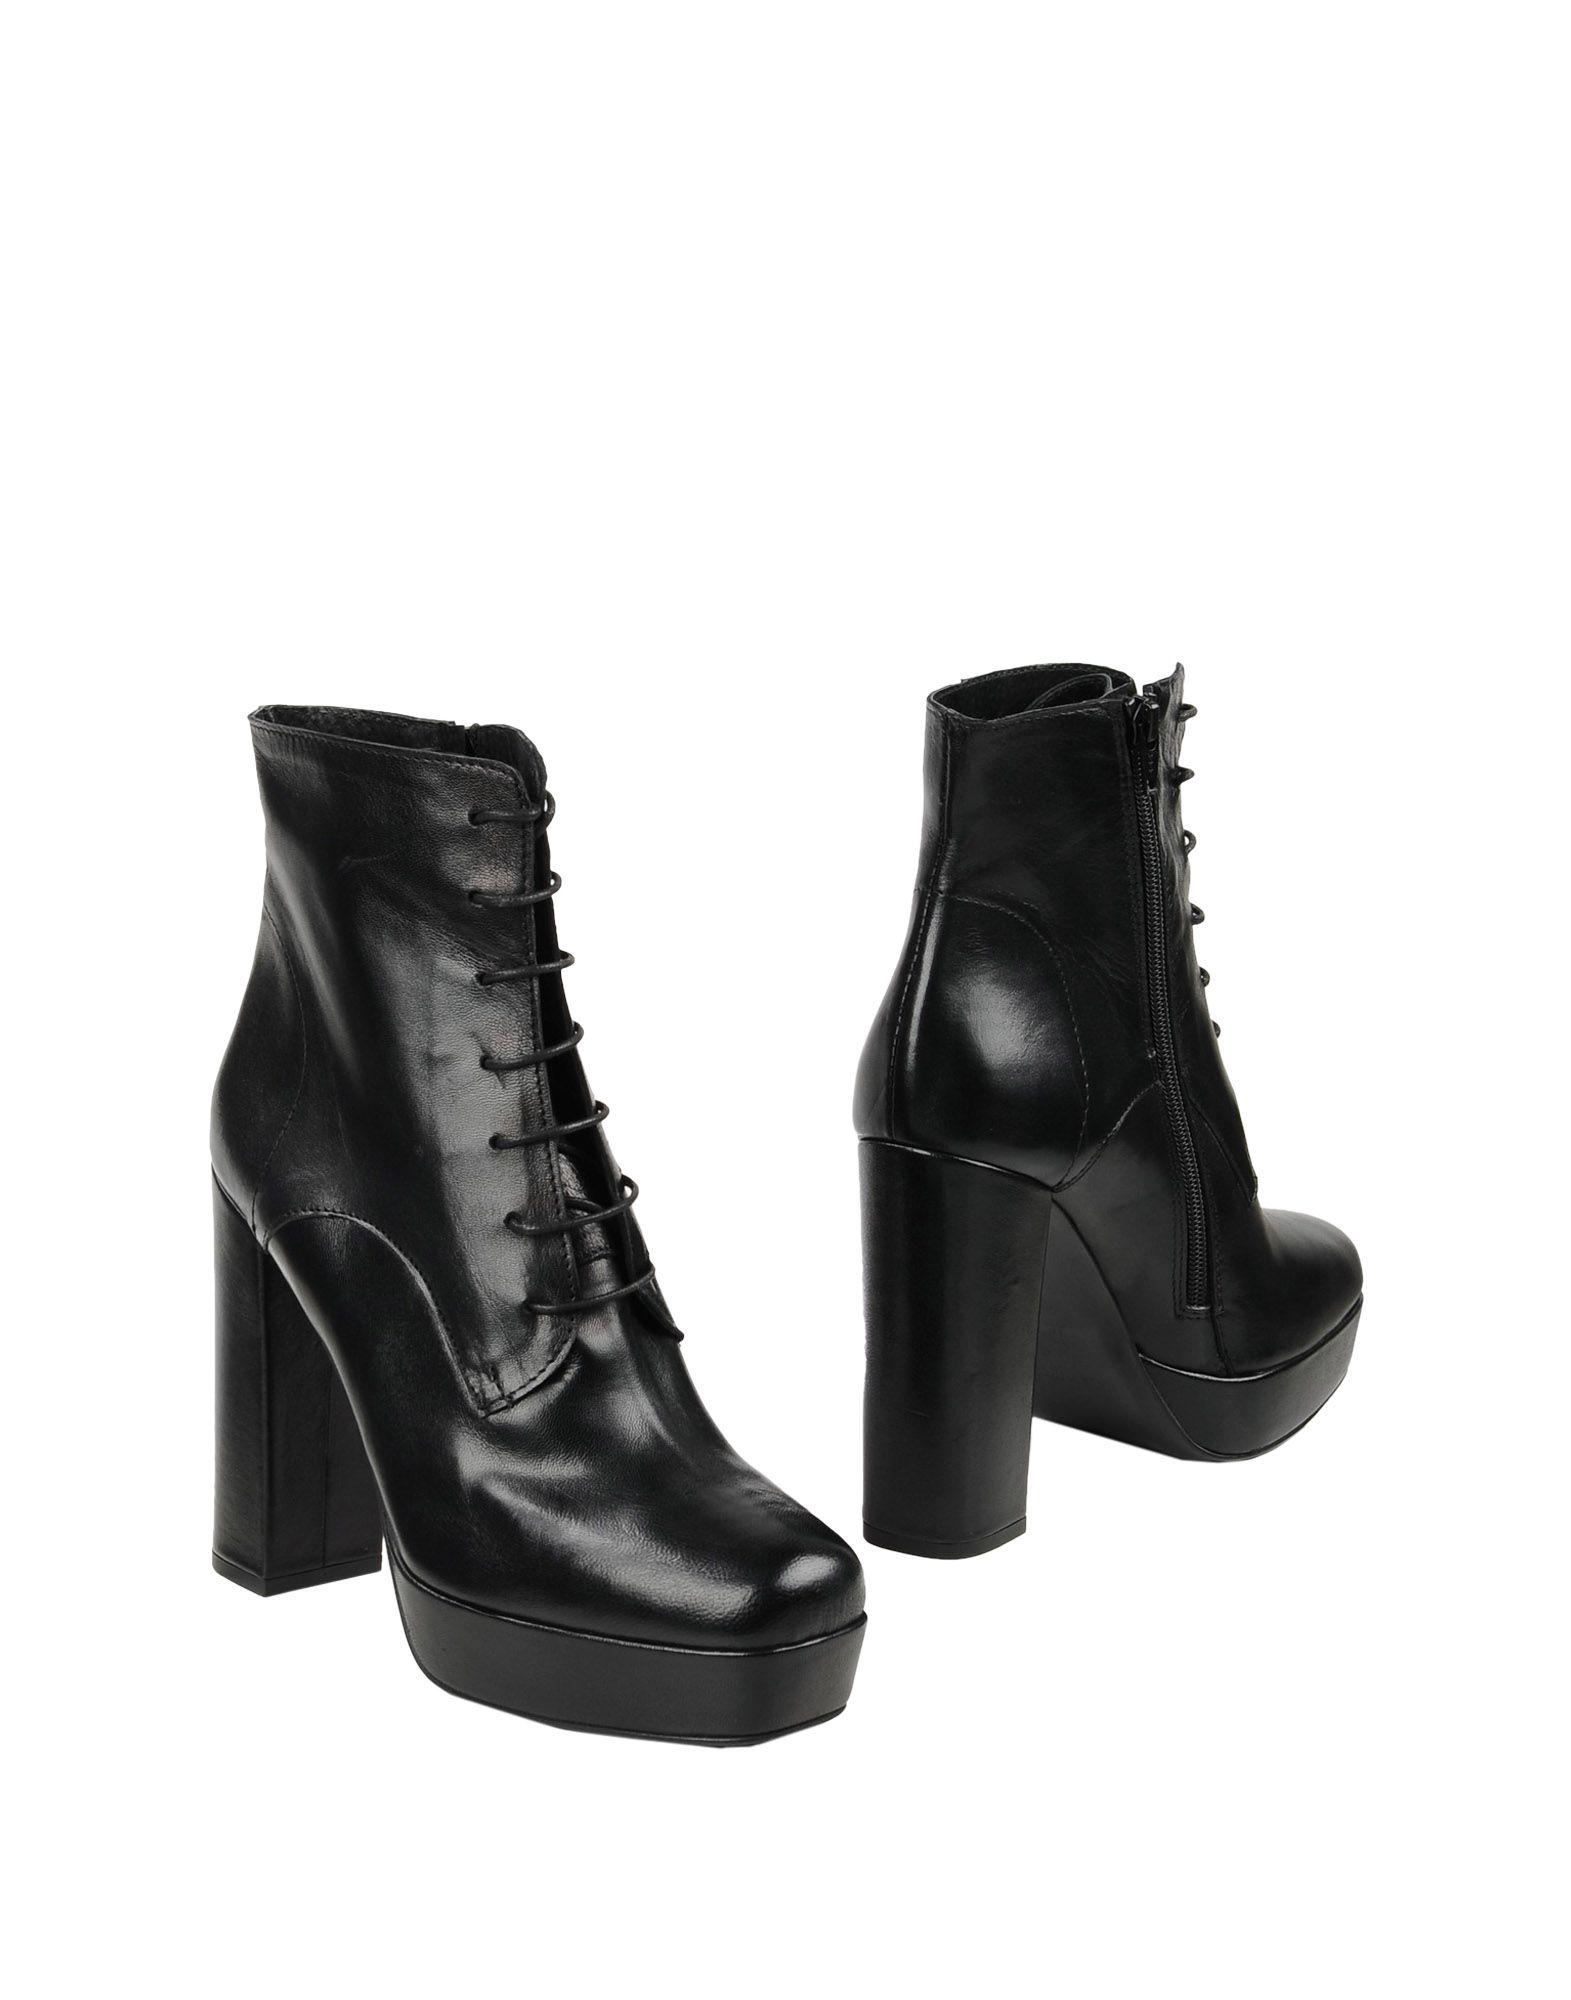 Jolie By Edward Spiers Stiefelette Damen Qualität  11337713KD Gute Qualität Damen beliebte Schuhe 7ac8a0